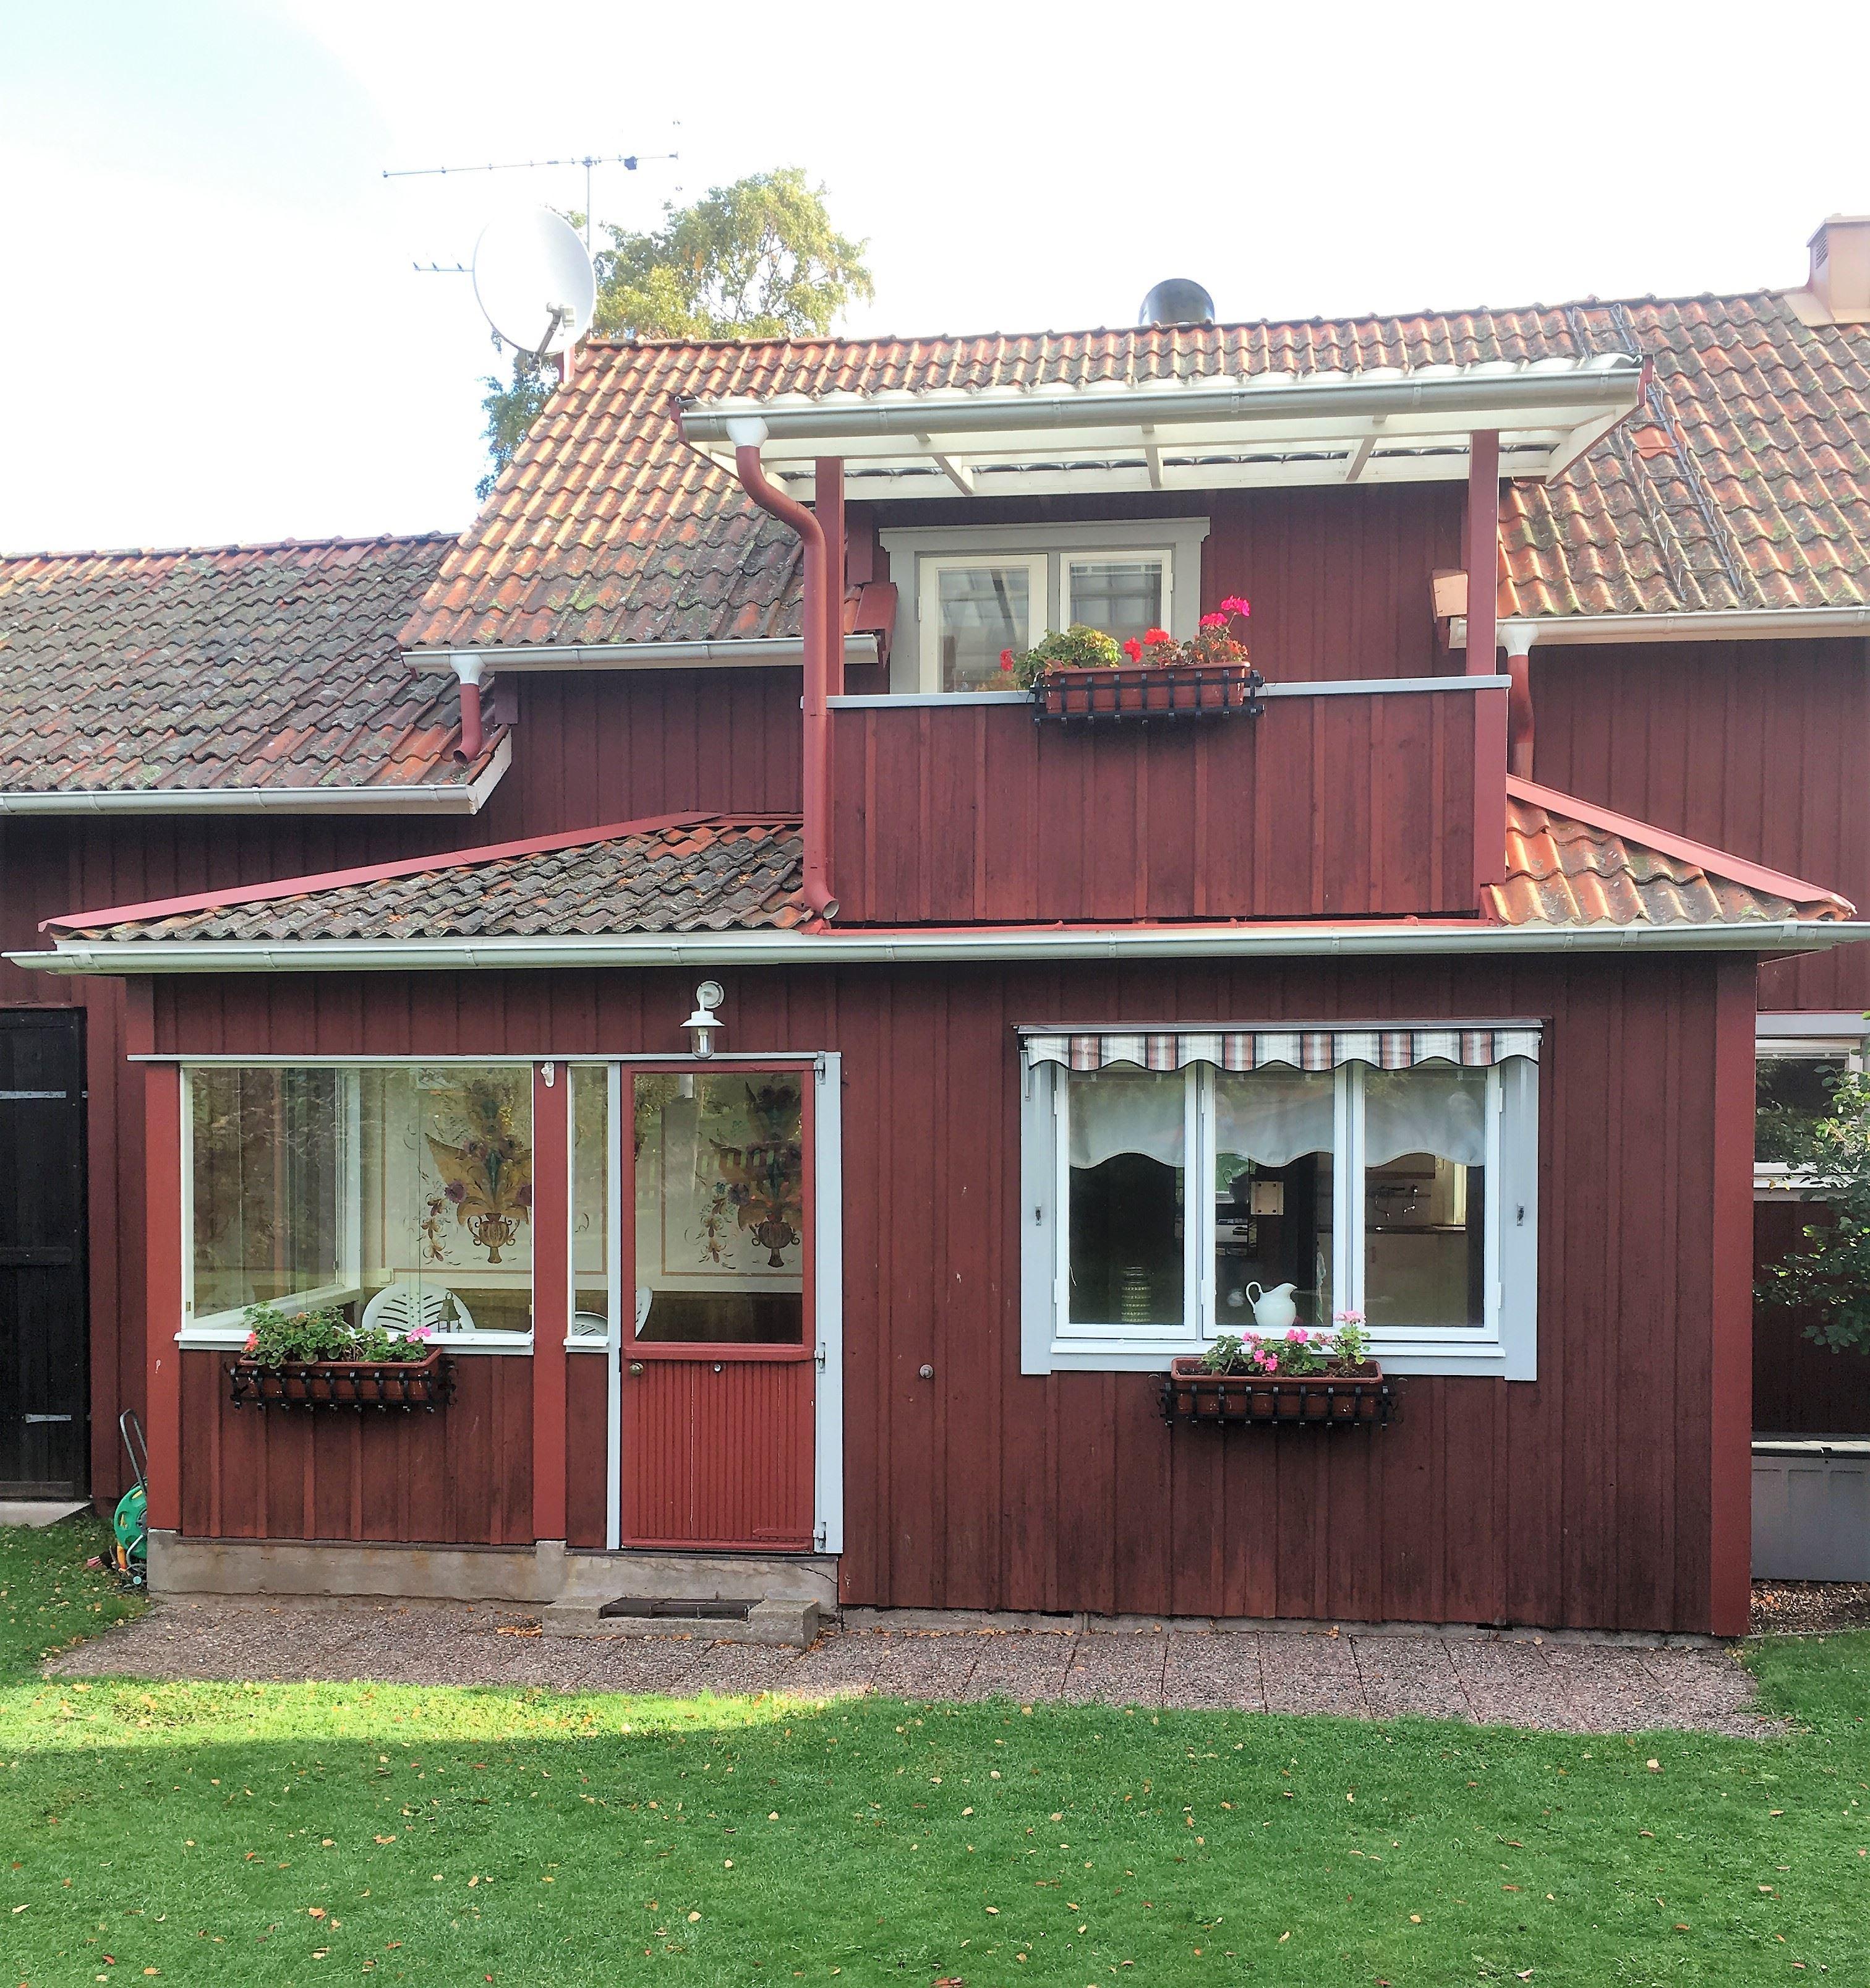 L613 Laknäs, 13 km N Leksand